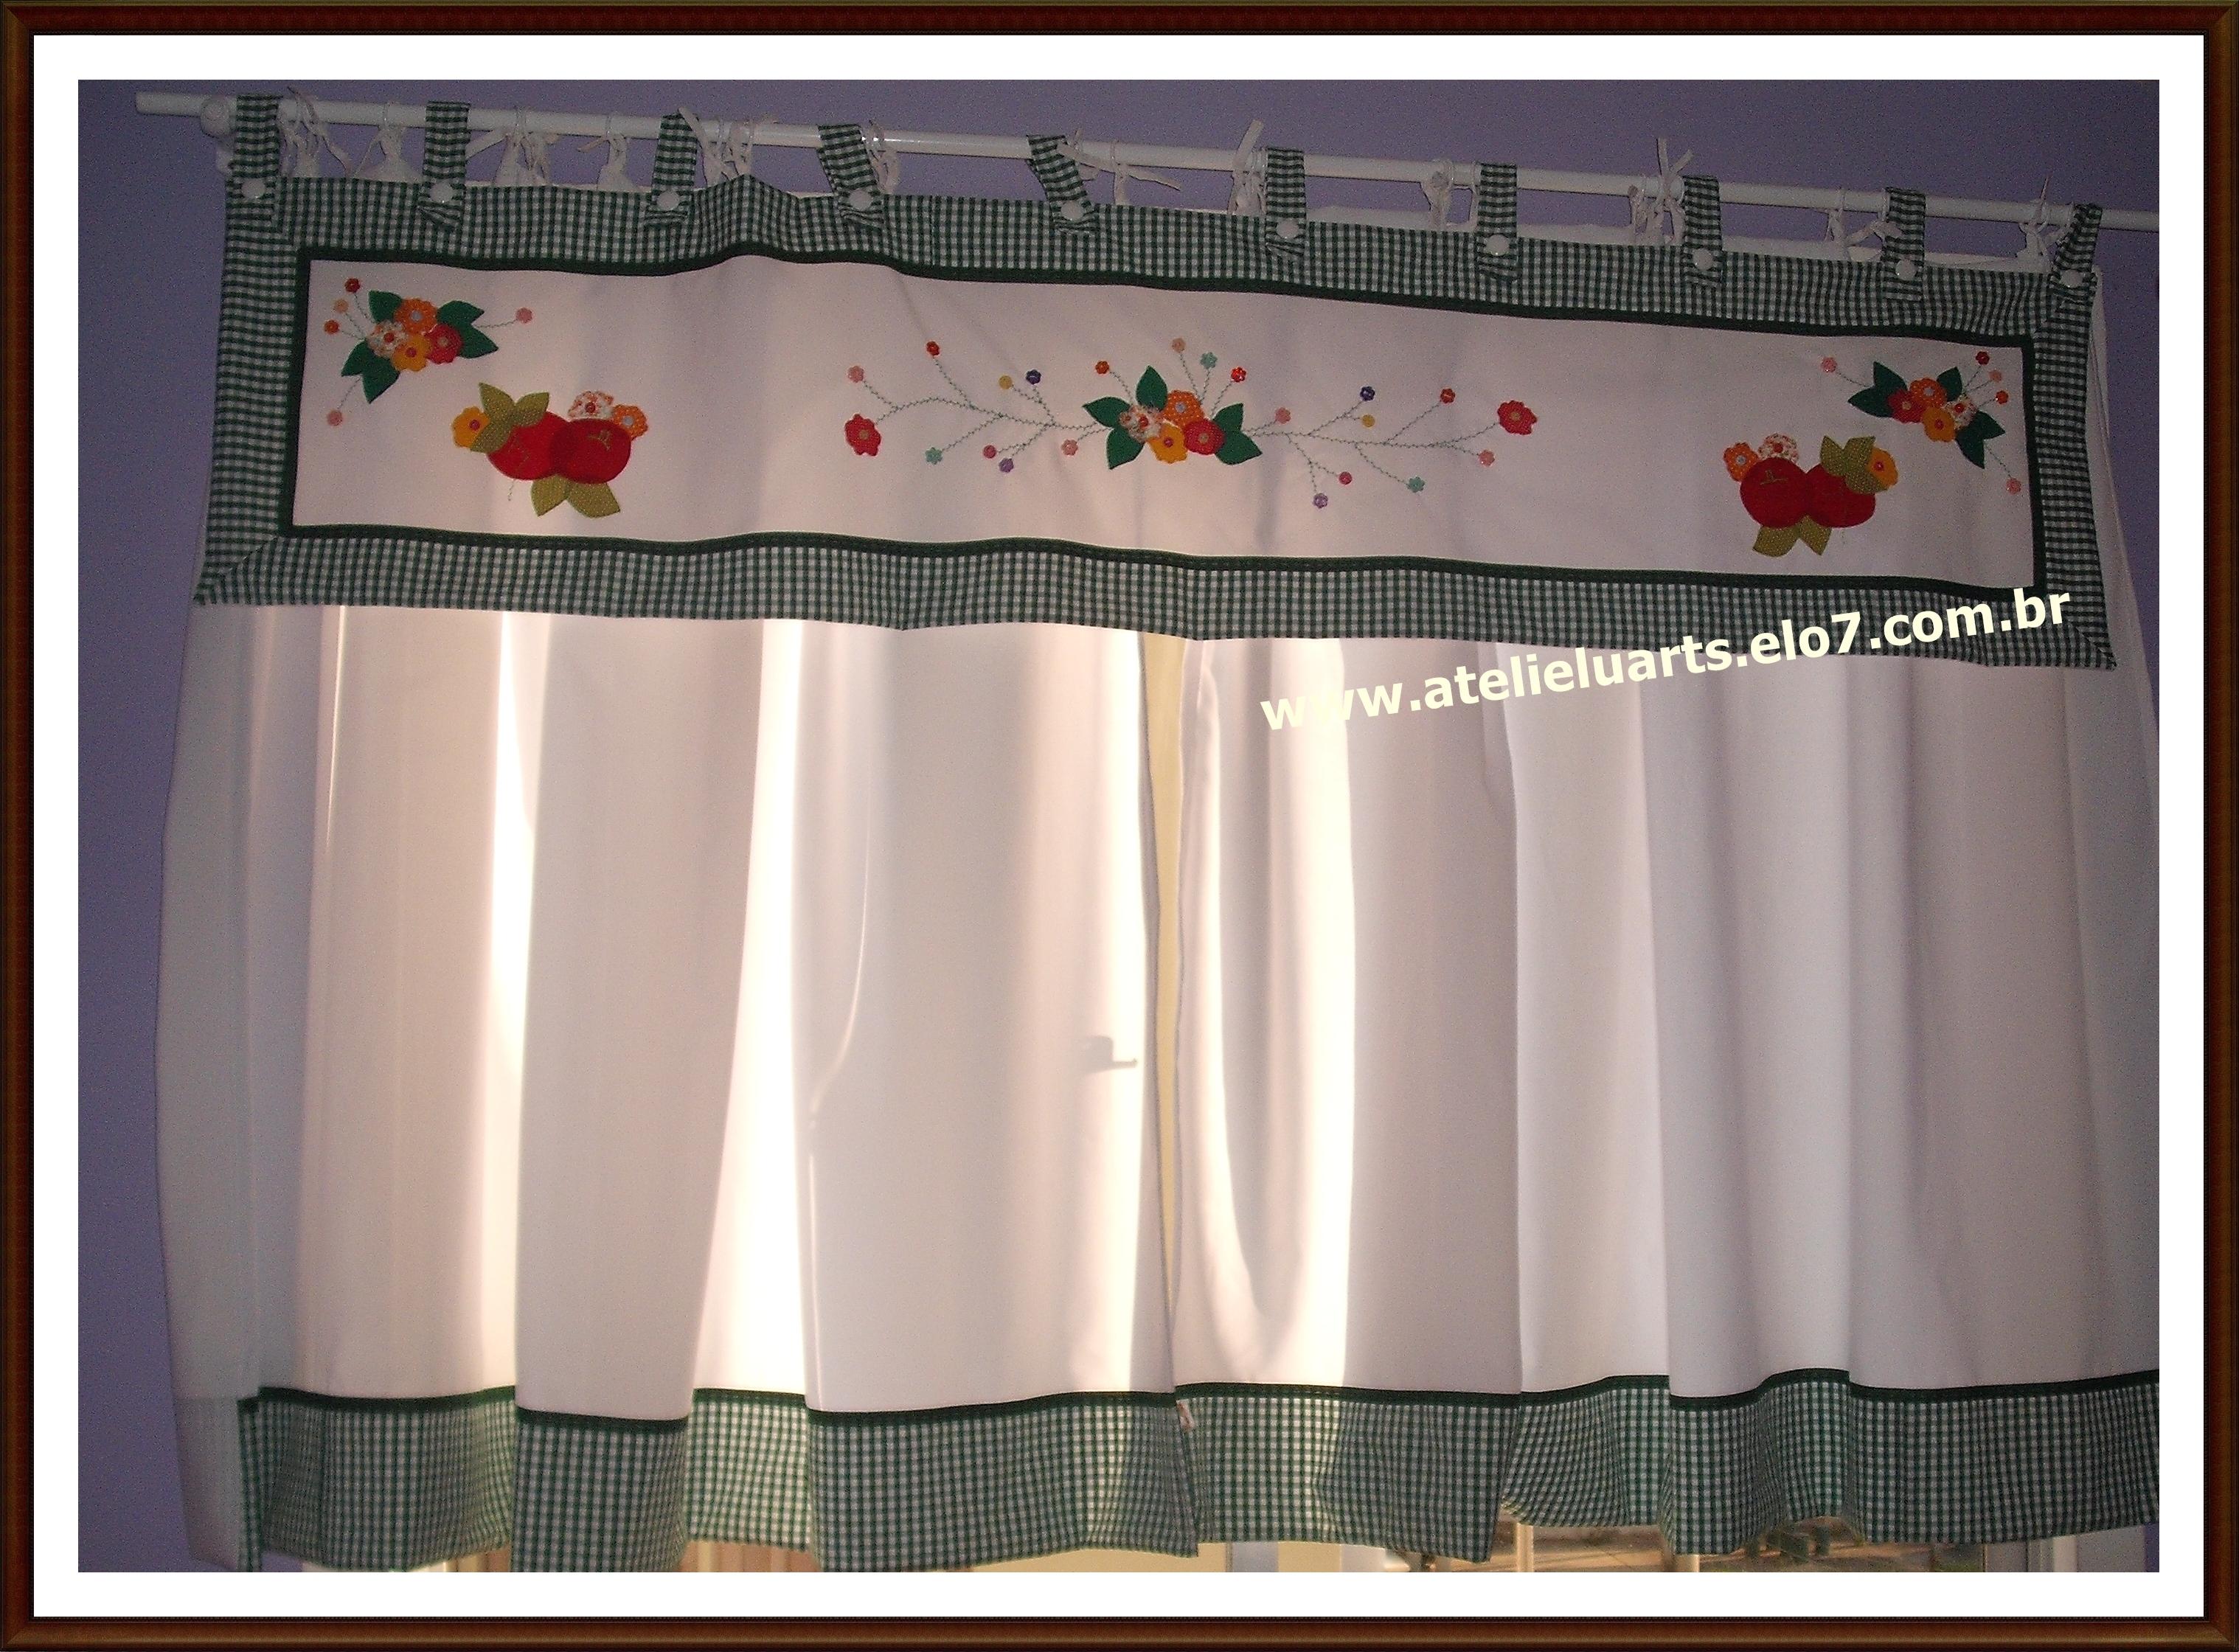 Image of: Cortina E Bando Para Cozinha No Elo7 Atelie Luarts 320126